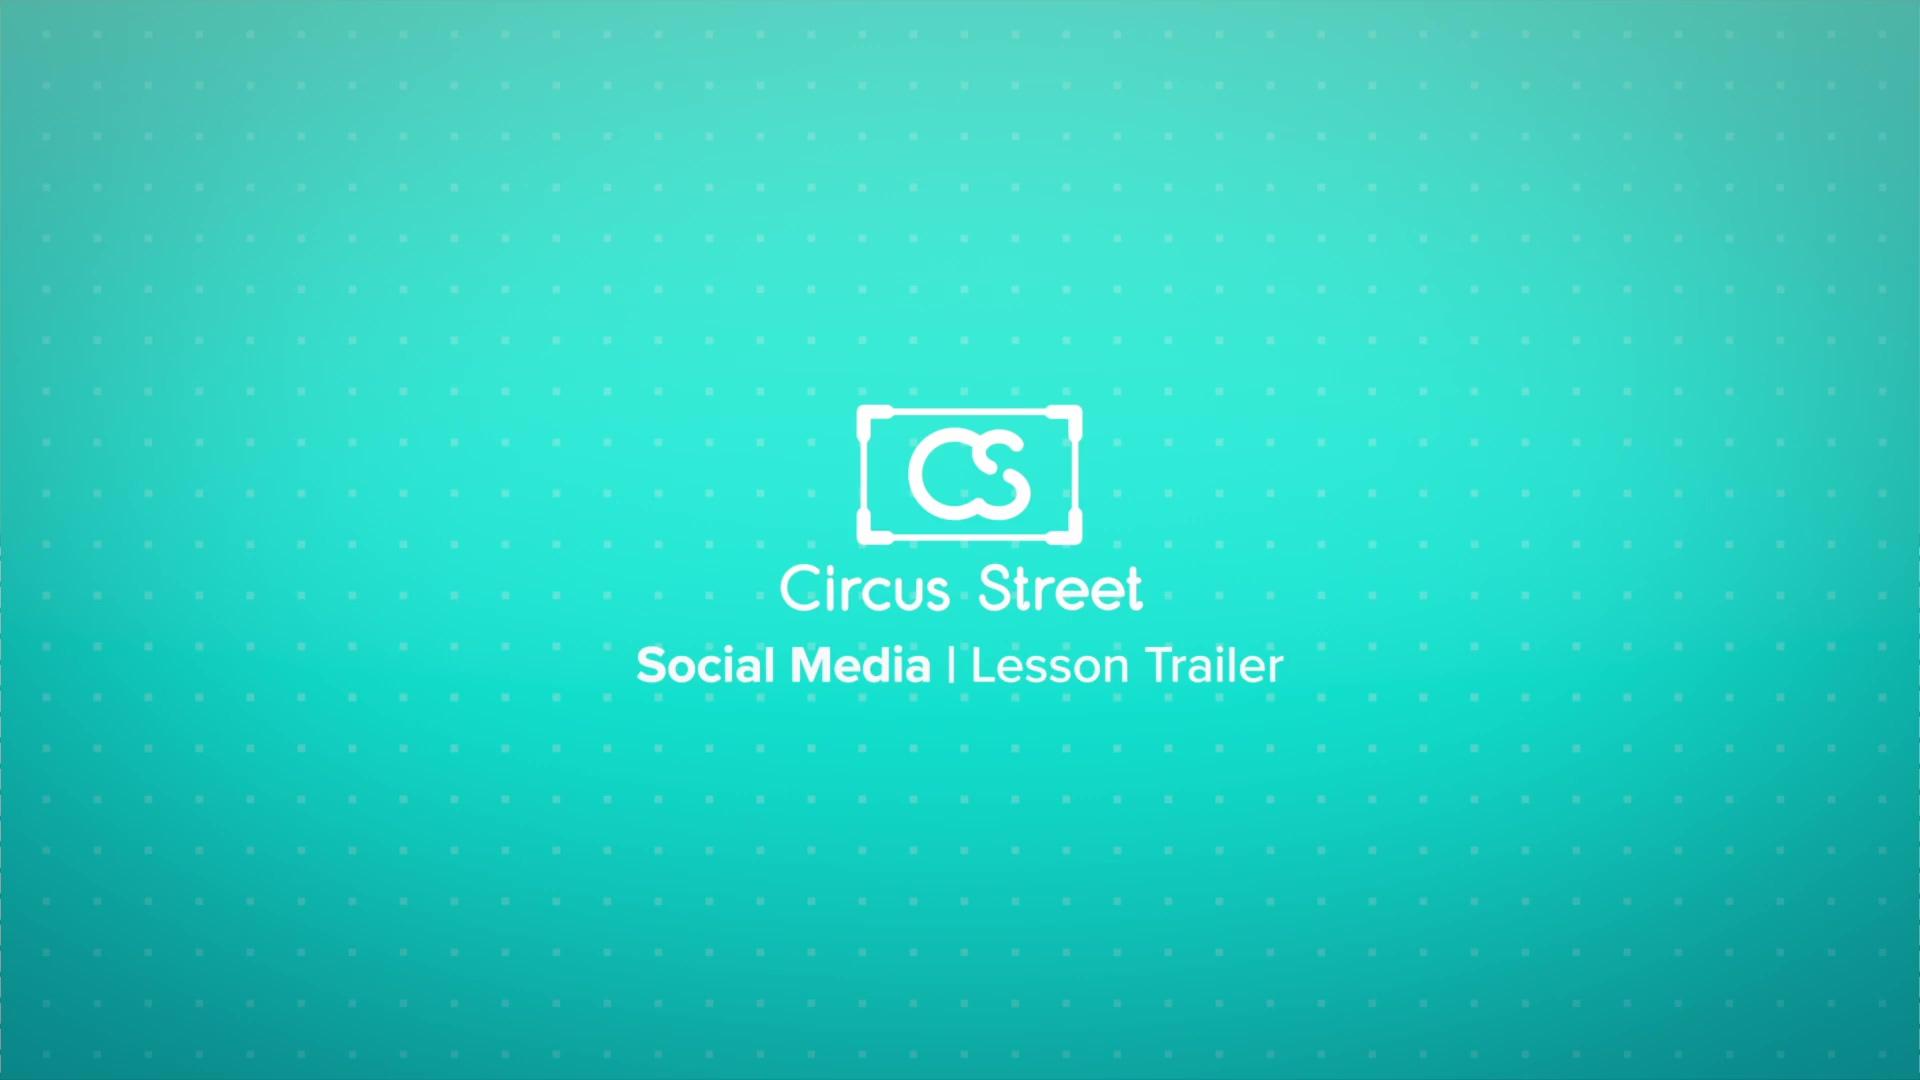 Social Media Lesson Trailer